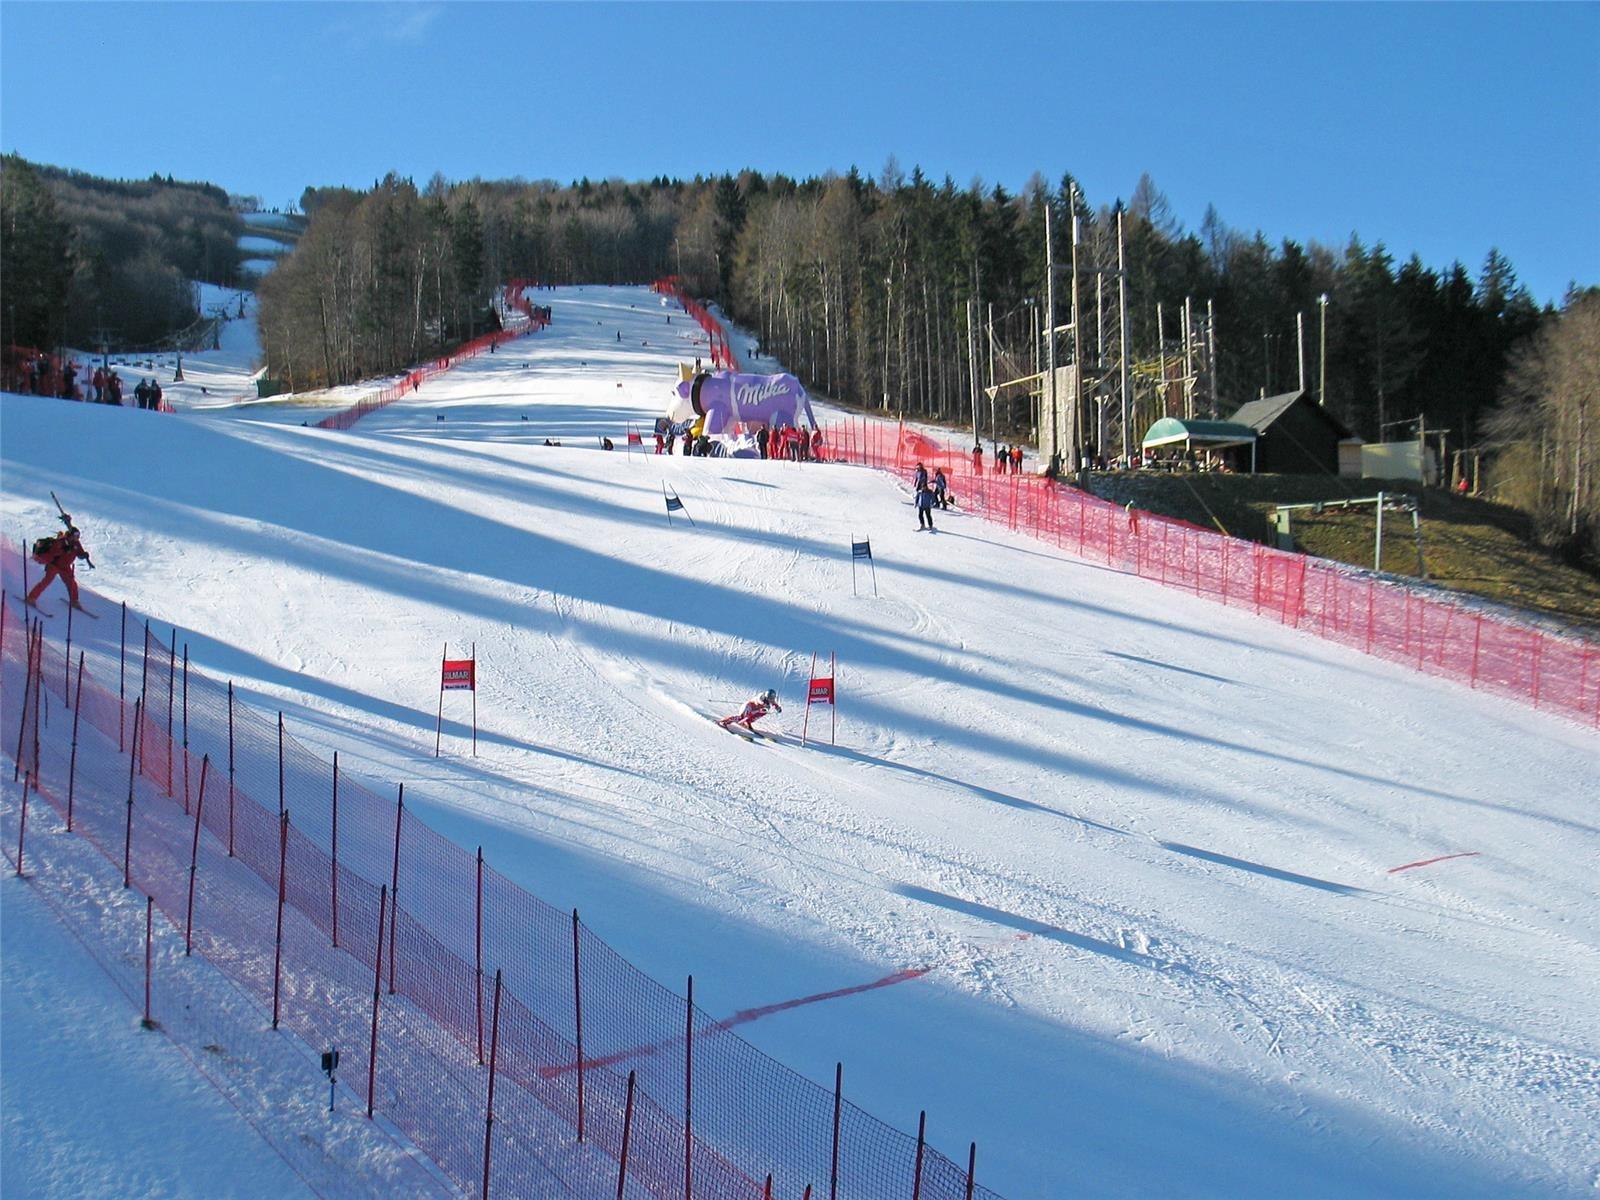 Prodaja vstopnic že poteka preko Eventima in Pošte Slovenije.